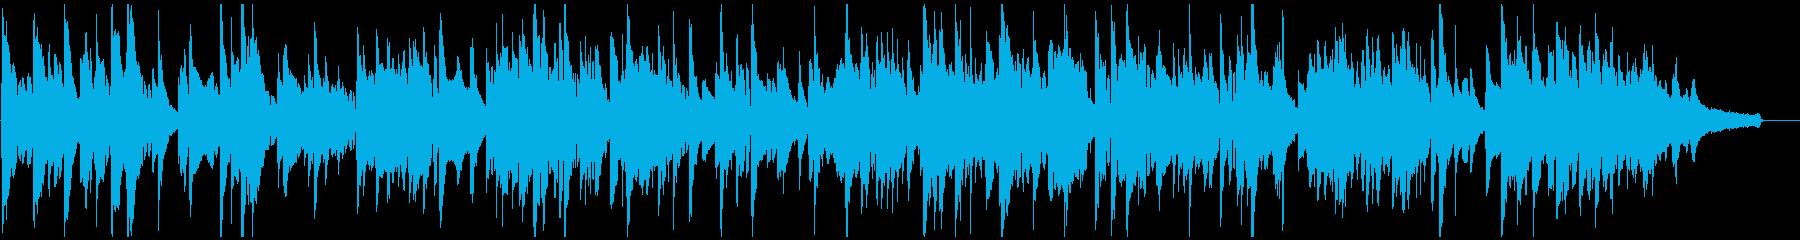 優しいバラード・ジャズ、優雅なサックスの再生済みの波形